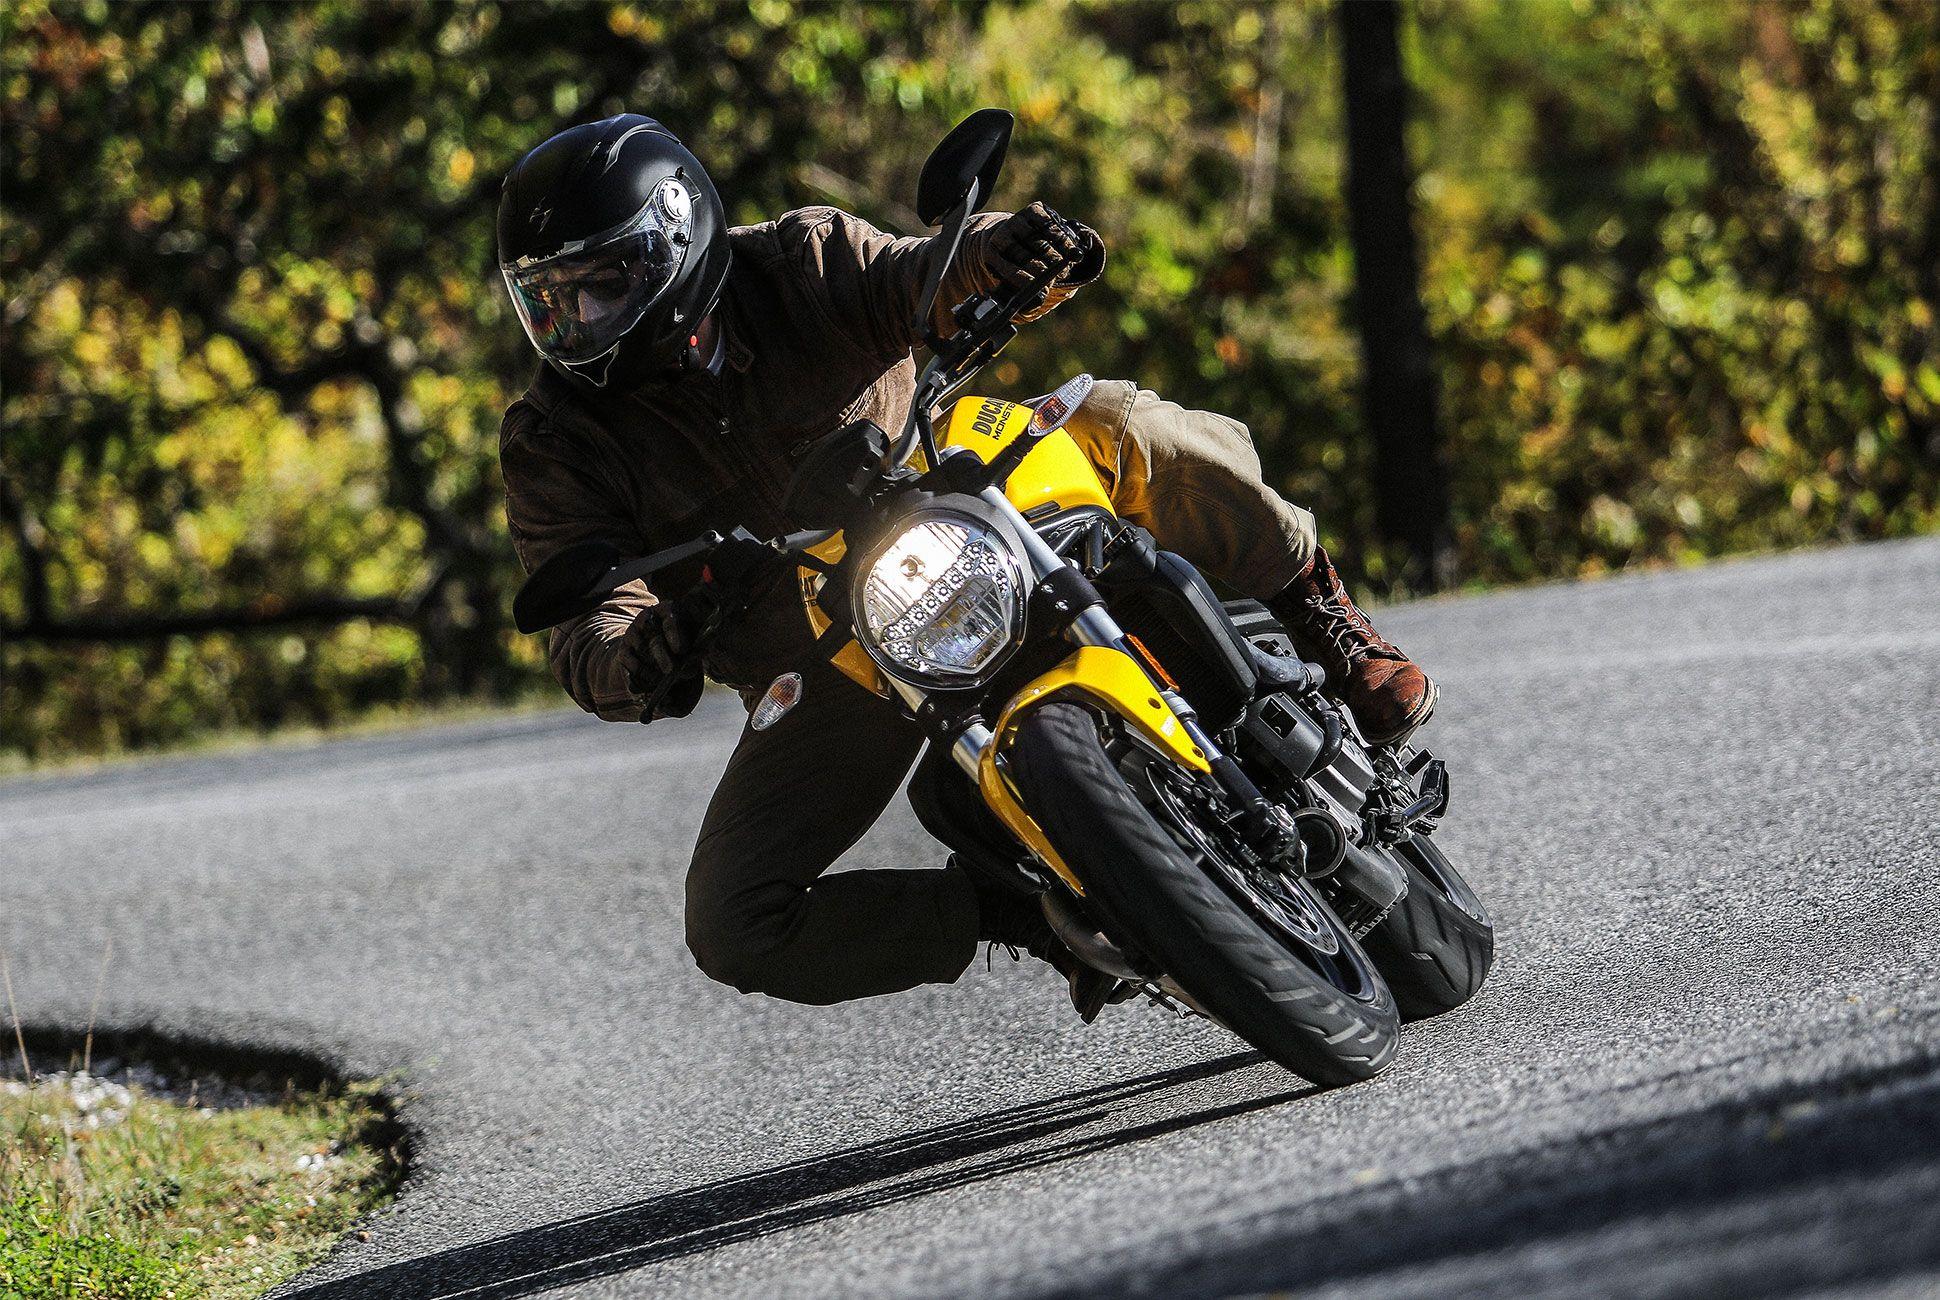 Ducati-821-Monster-Review-gear-patrol-1